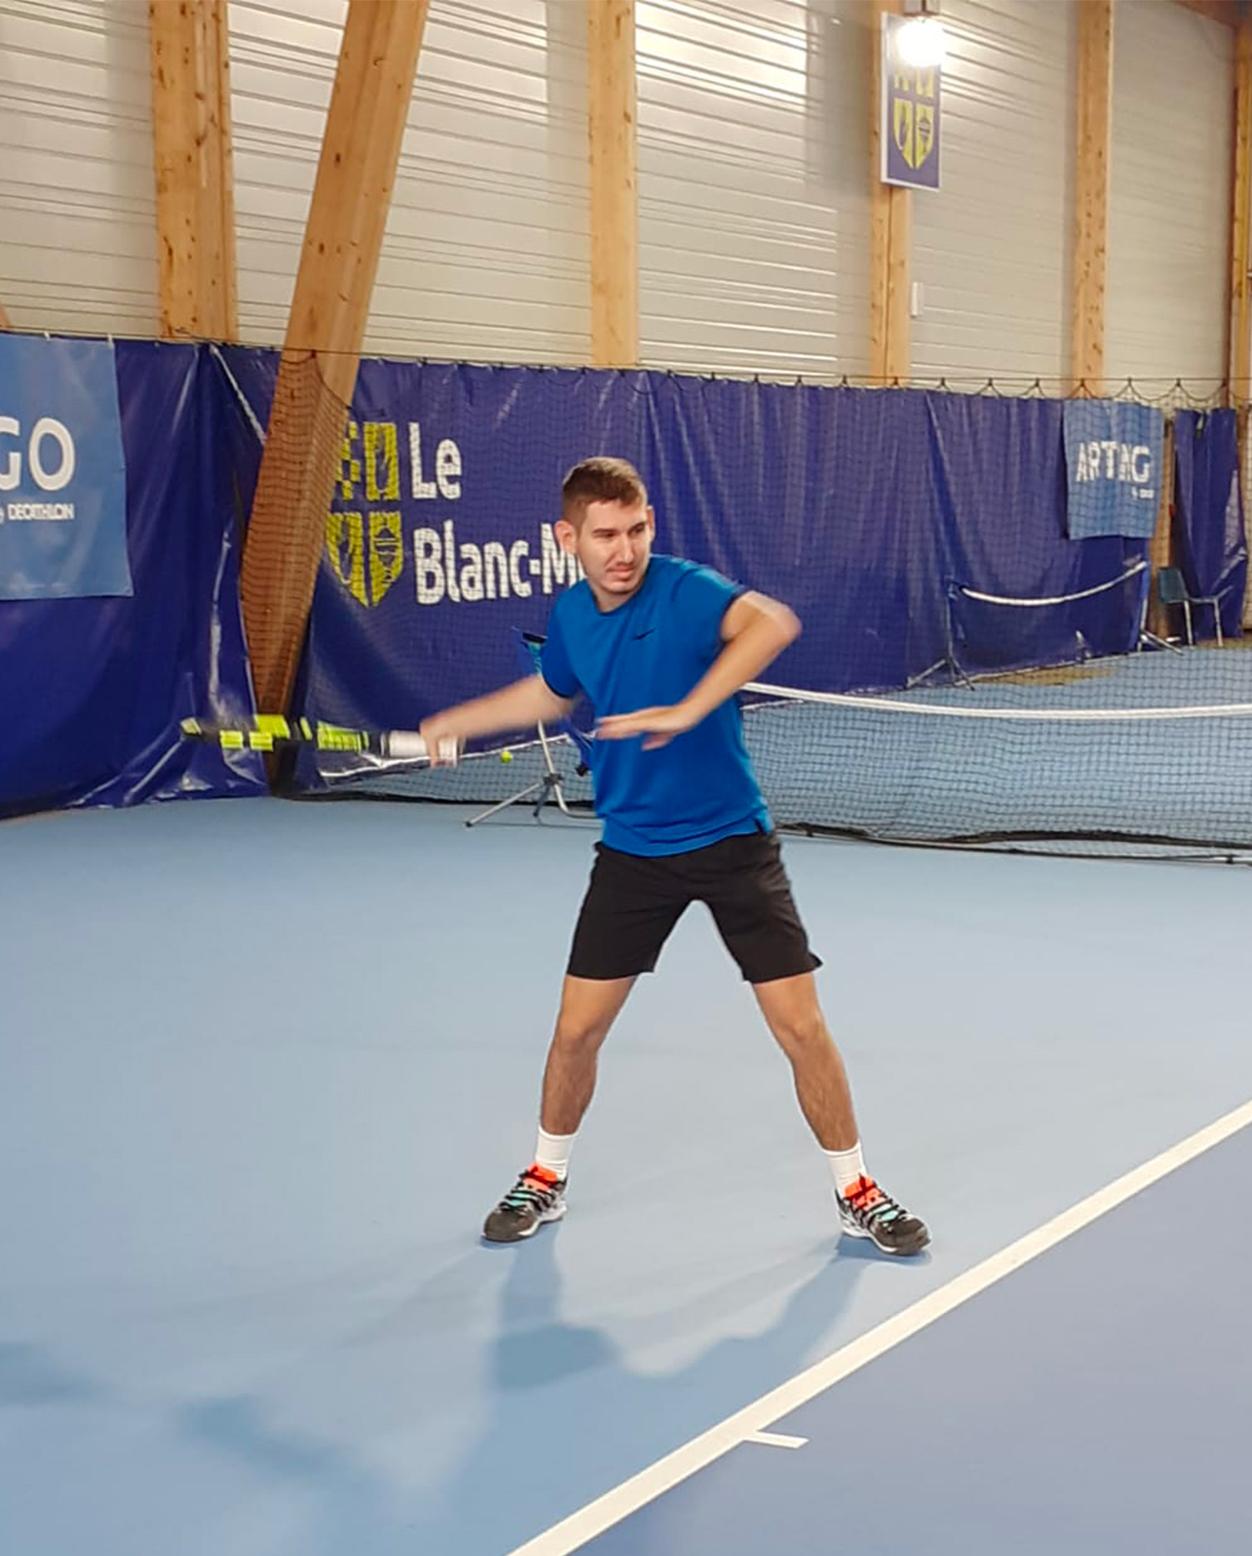 https://www.team-bms-tennis.fr/wp-content/uploads/2020/10/IvanVelisavljevic.jpg